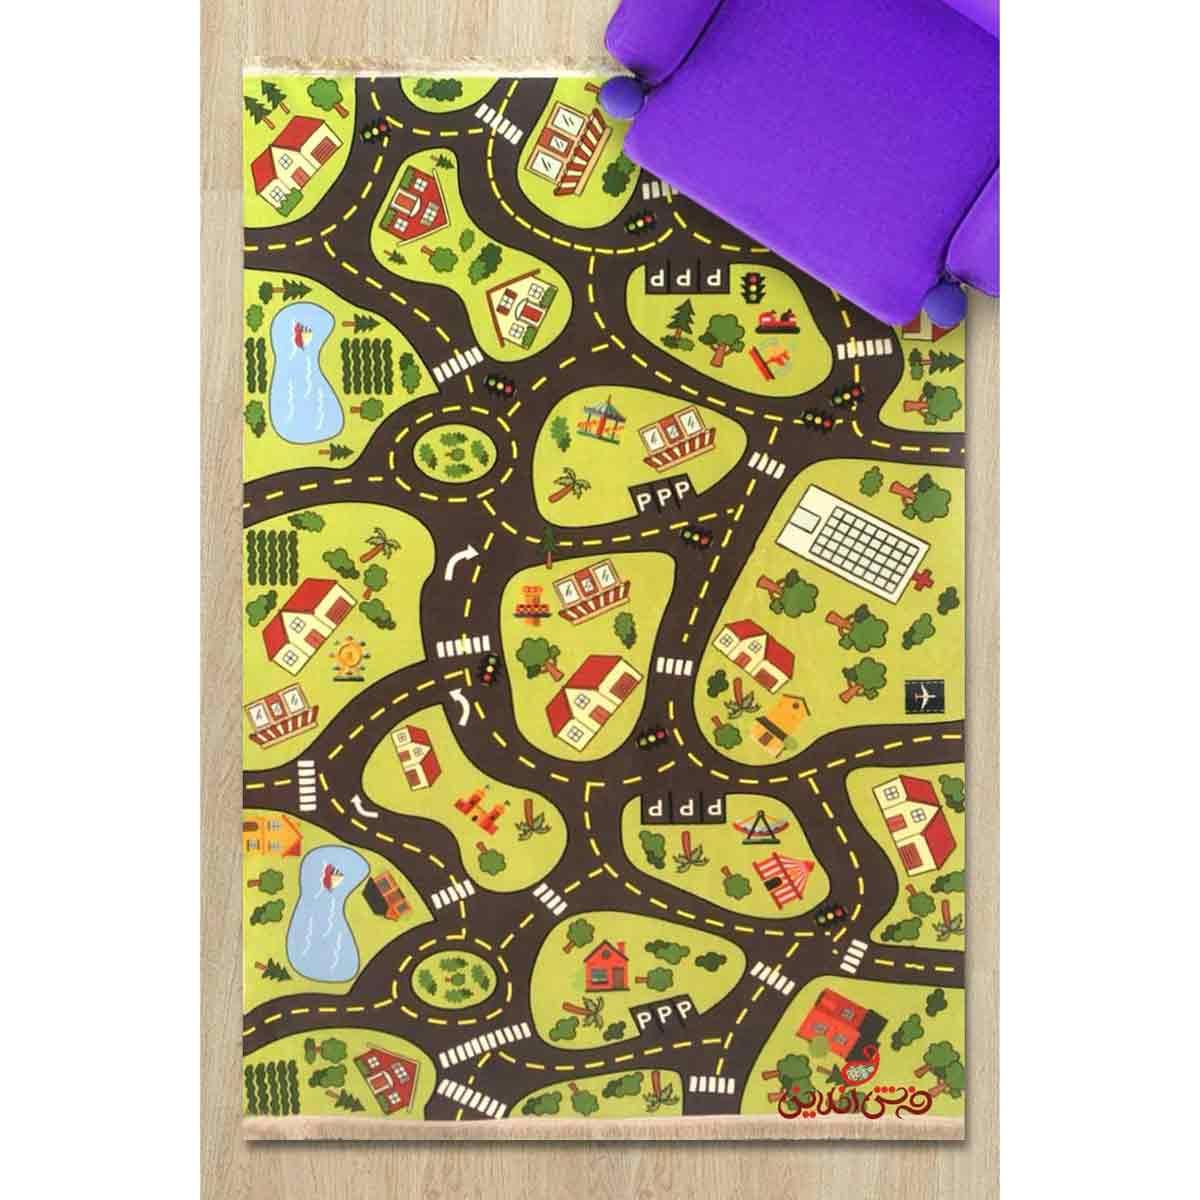 فرش ماشینی کودک کلاریس طرح خیابان کد 100241